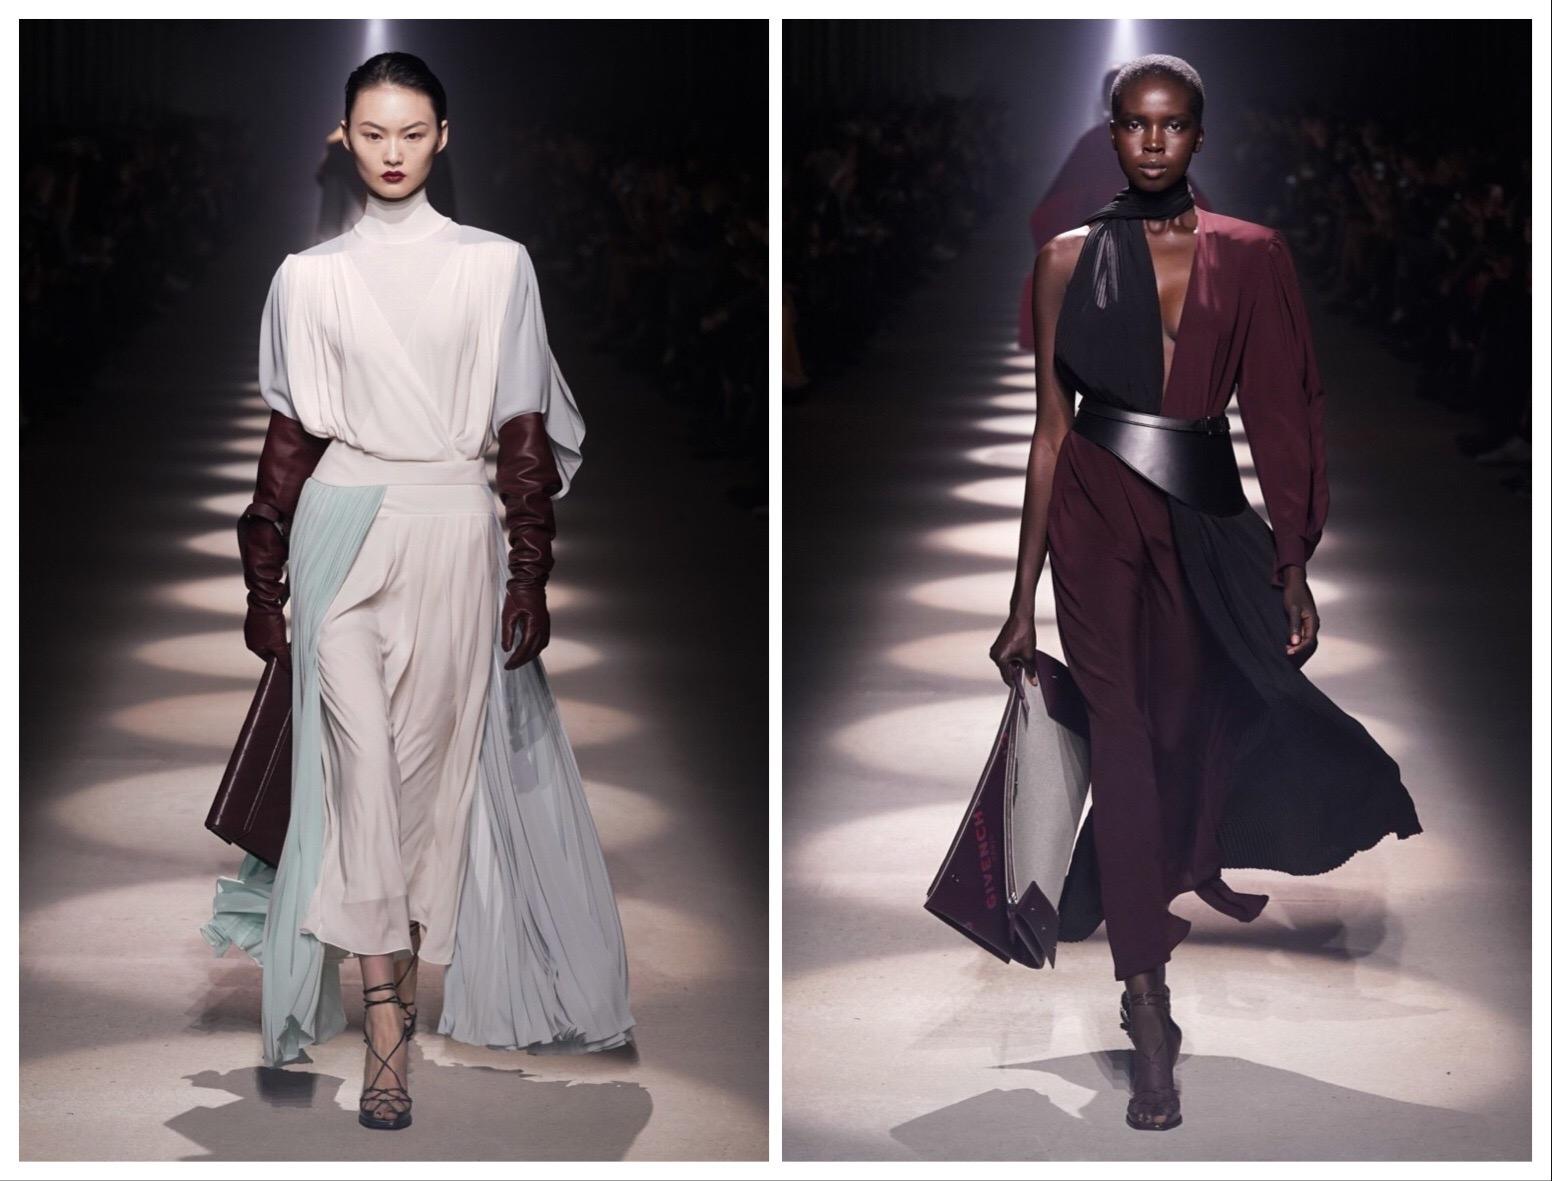 Глубина и сила женщины в новой коллекции Givenchy (ФОТО) - фото №6